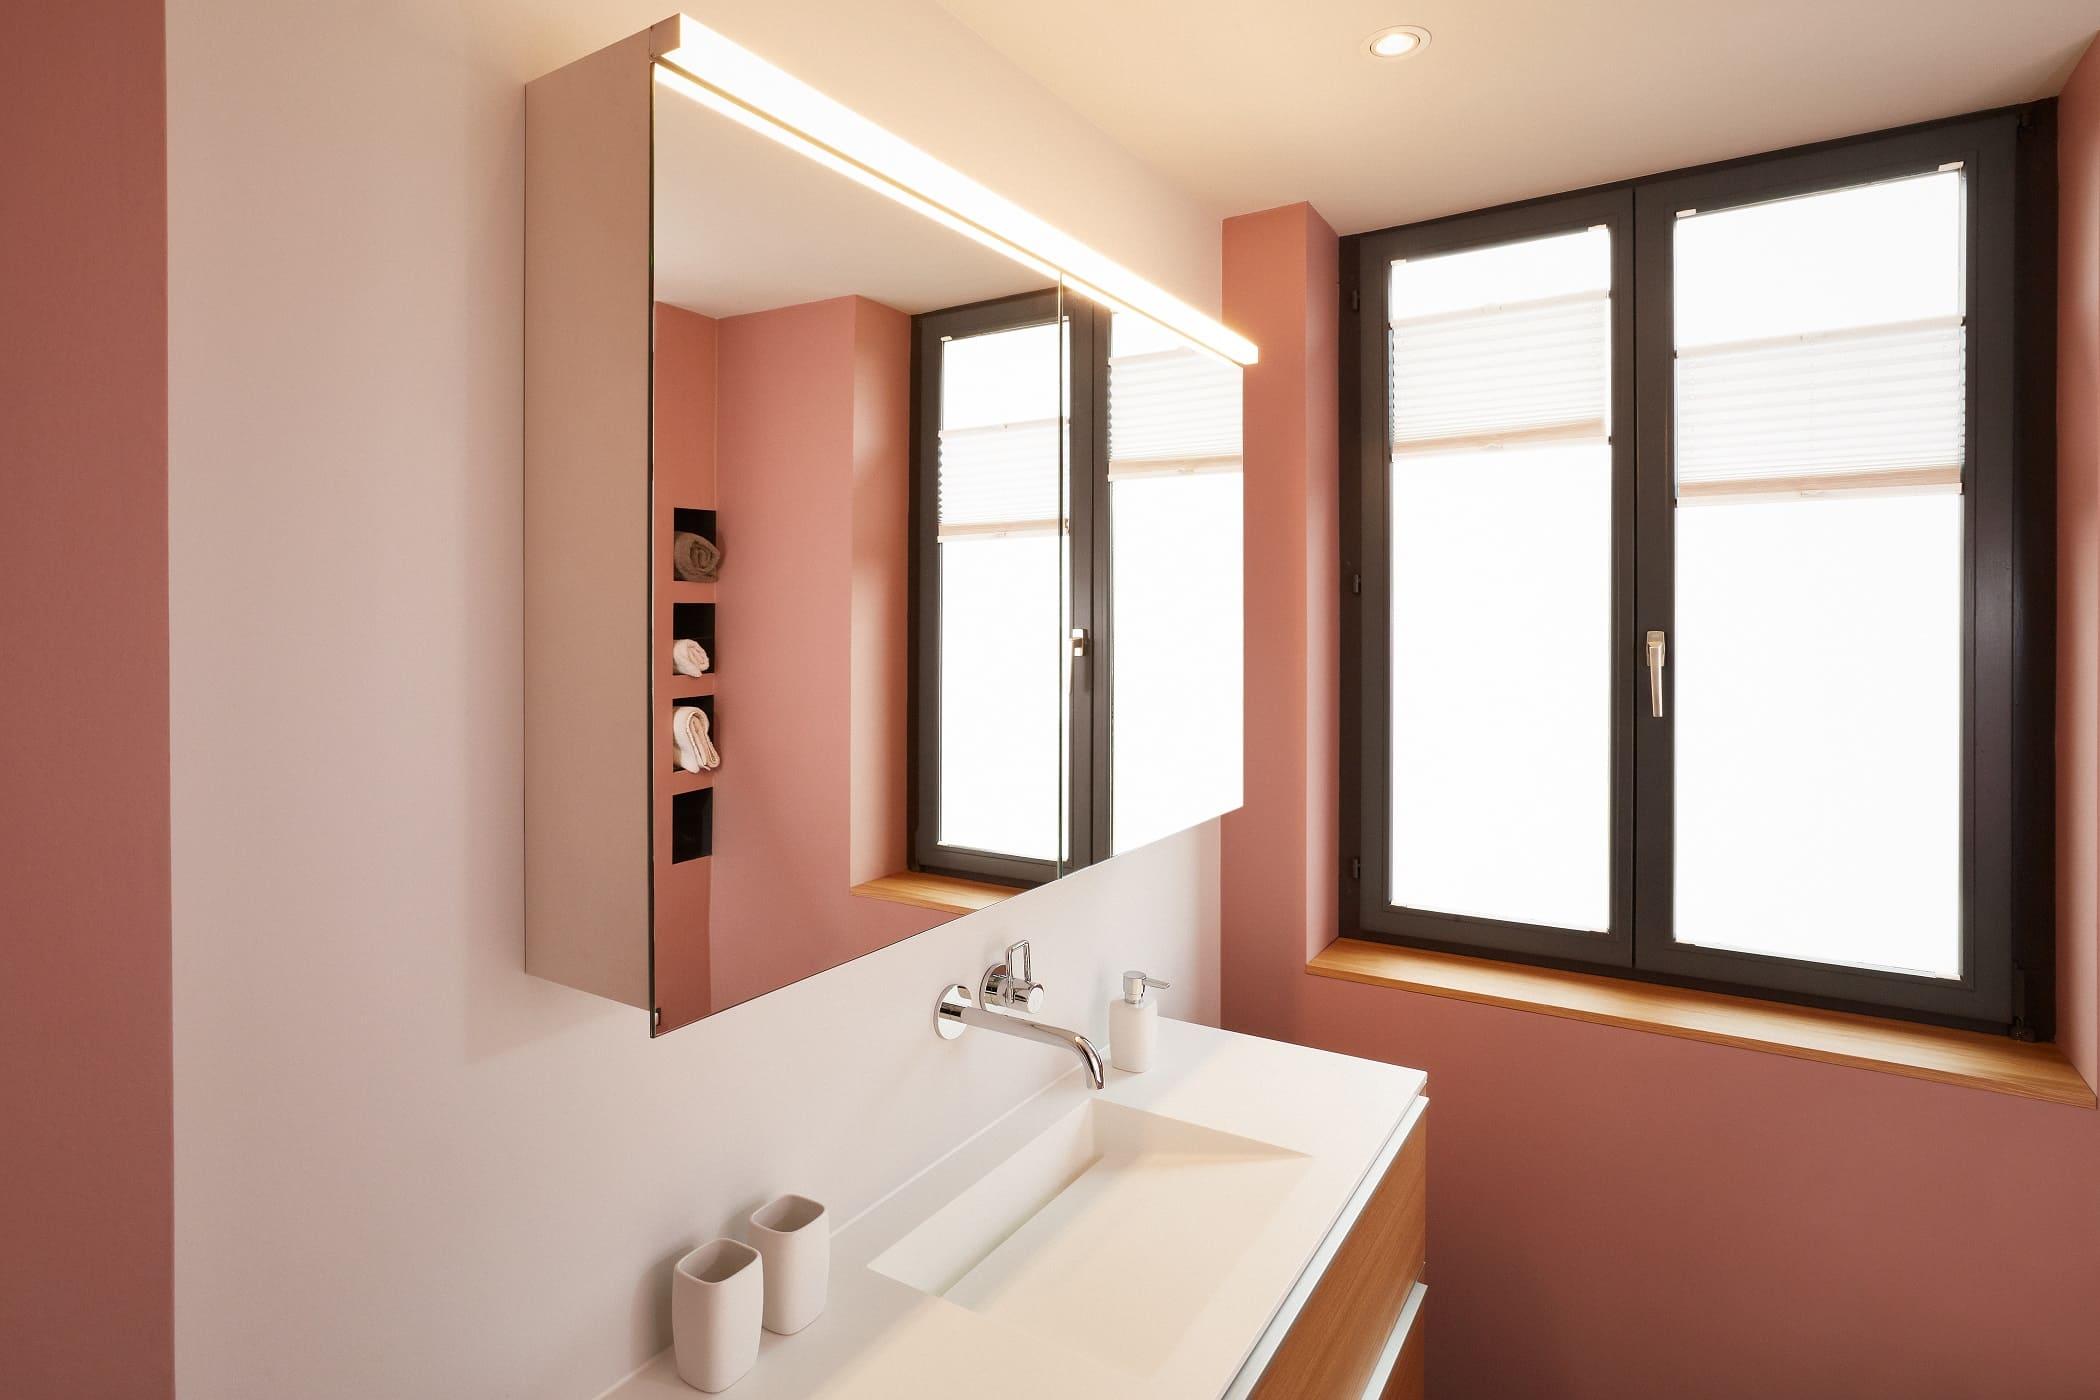 Ein Badezimmer mit lachsfarbener Wand